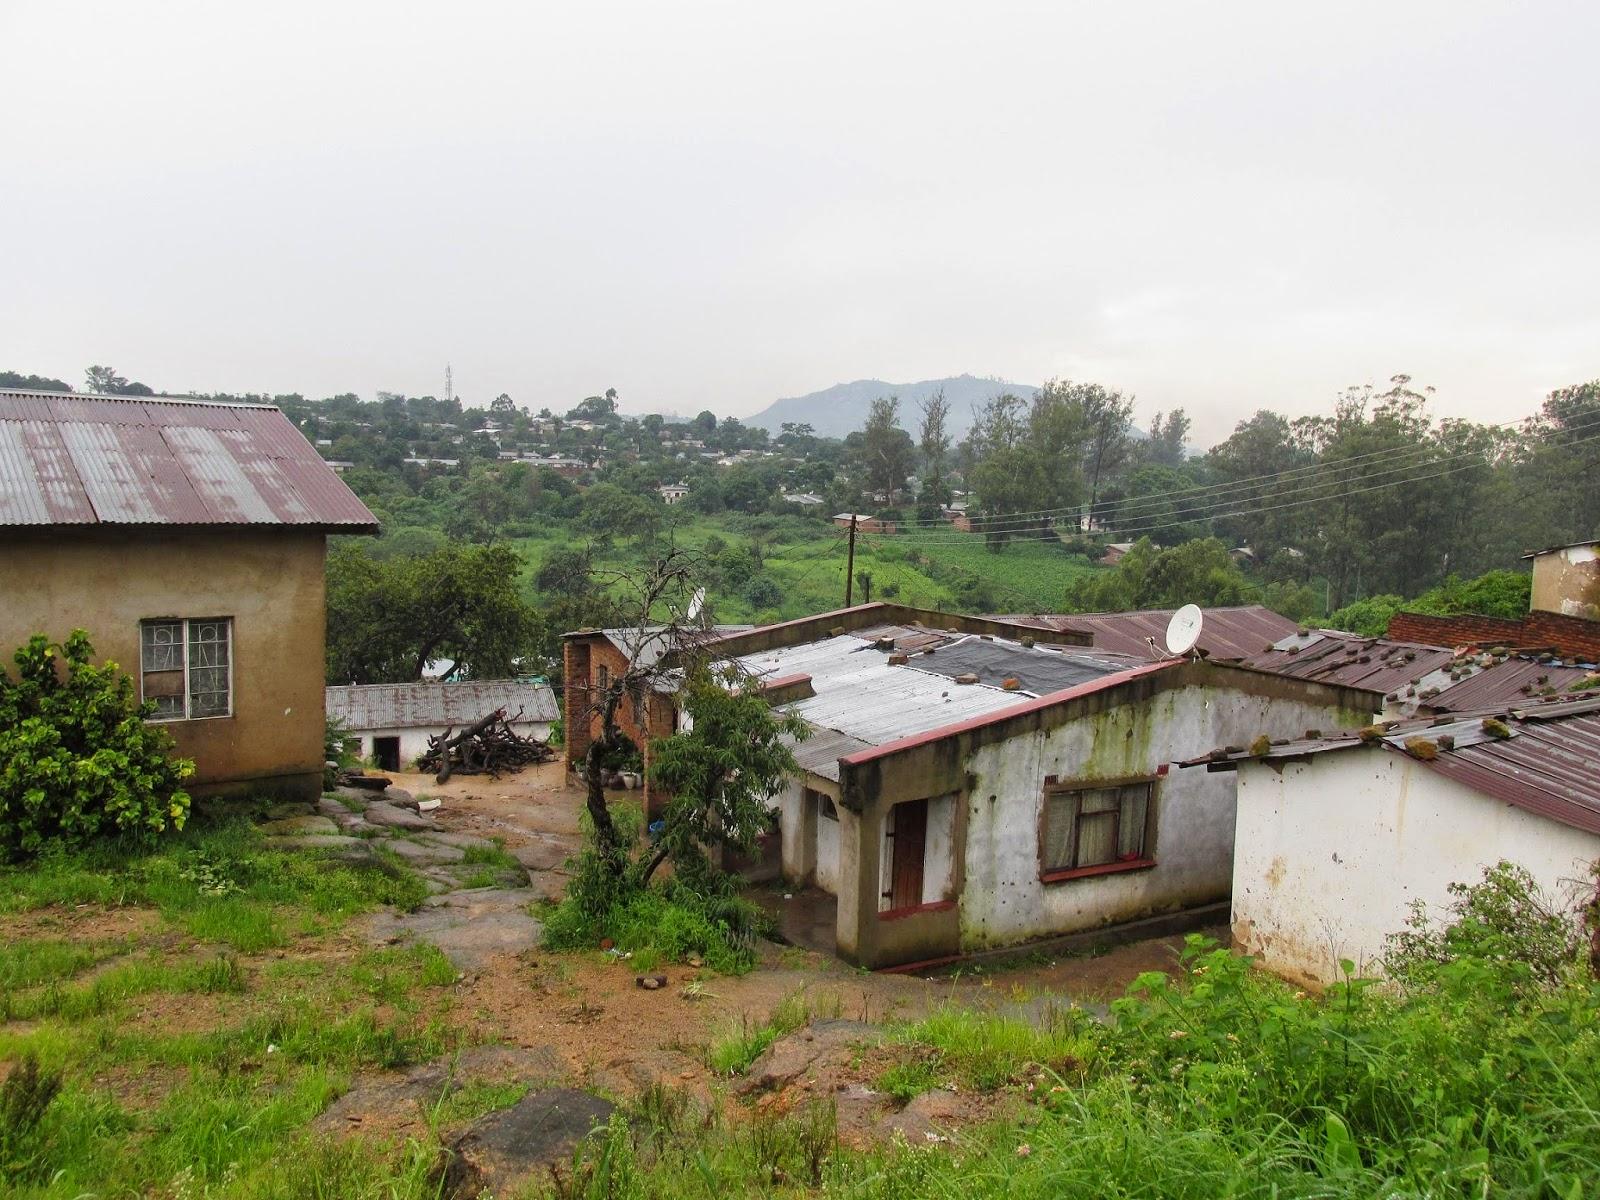 Blantyre, Malawi, Africa